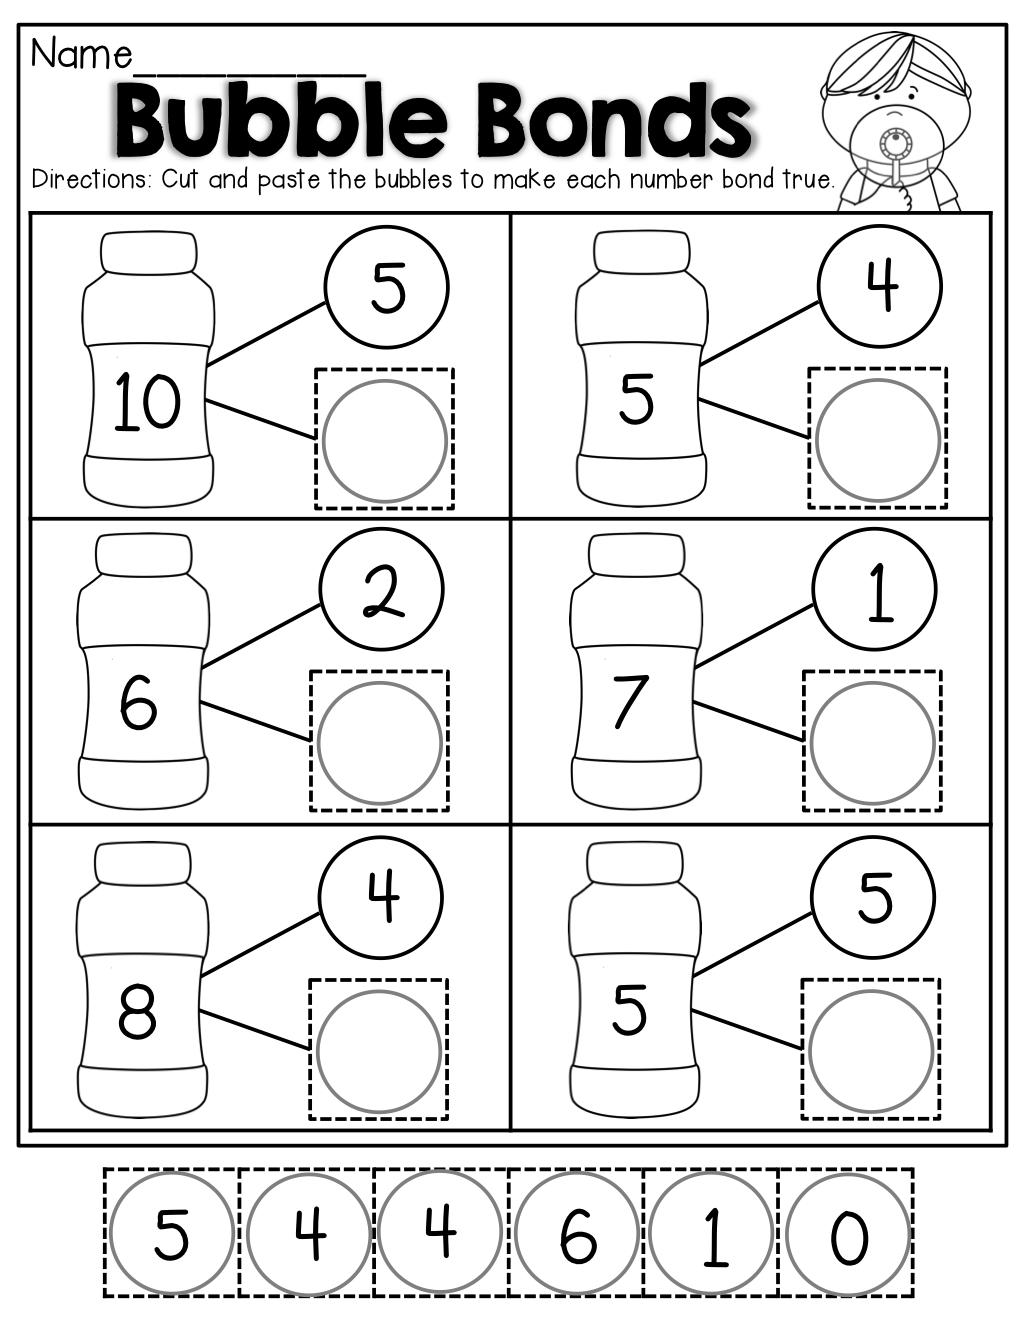 Number Bubble Bonds (Cut And Paste) | Kindergarten Activities - Free Printable Number Bonds Worksheets For Kindergarten